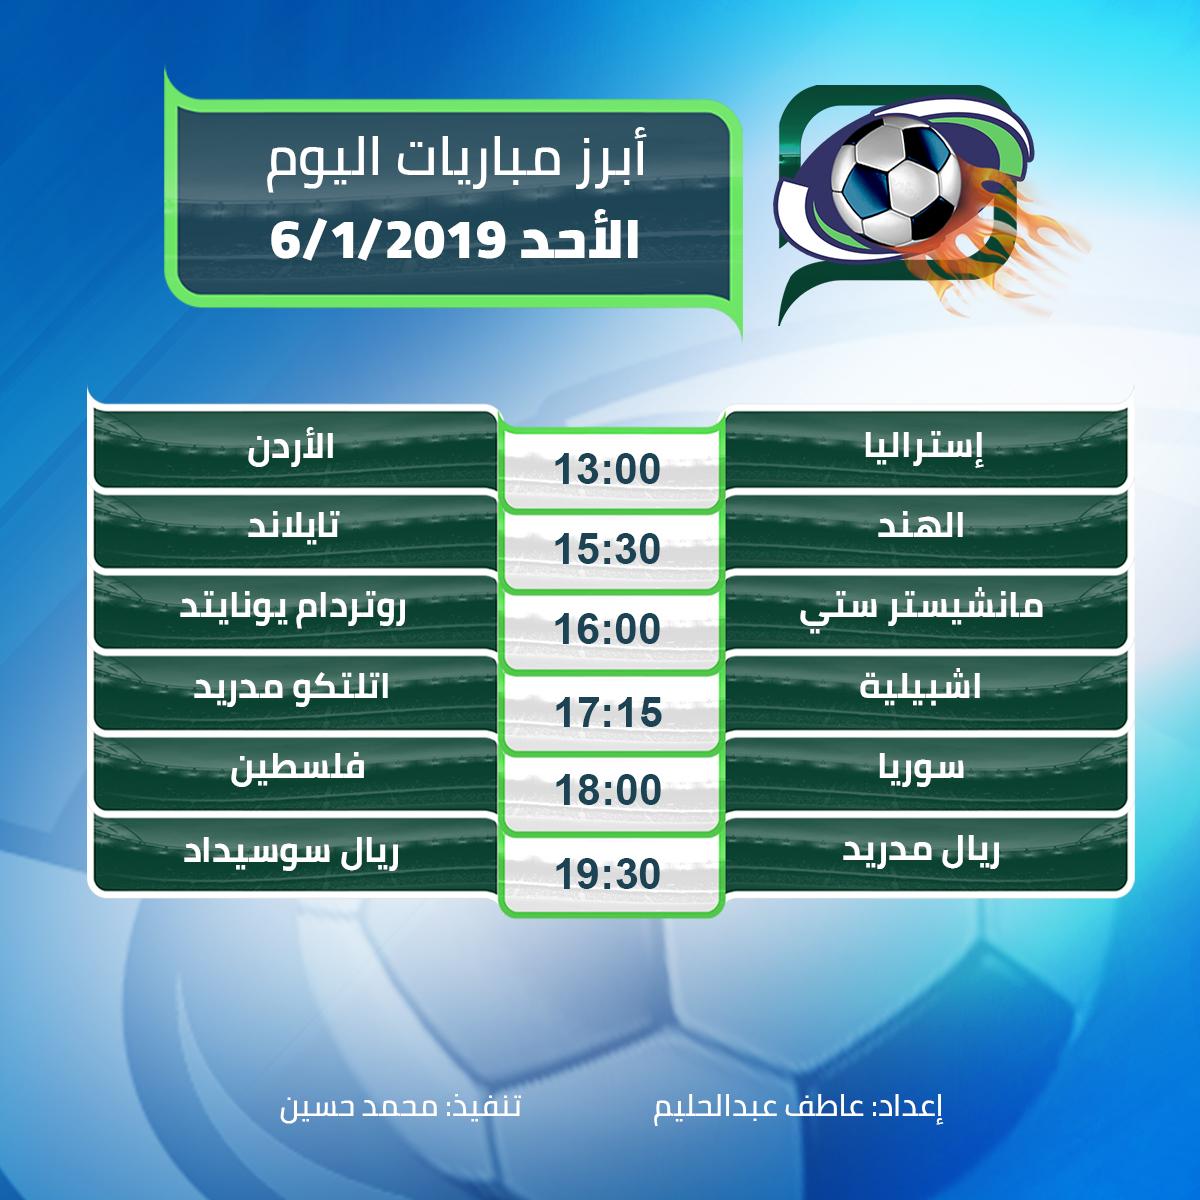 أبرز مباريات اليوم الأحد 06/1/2019